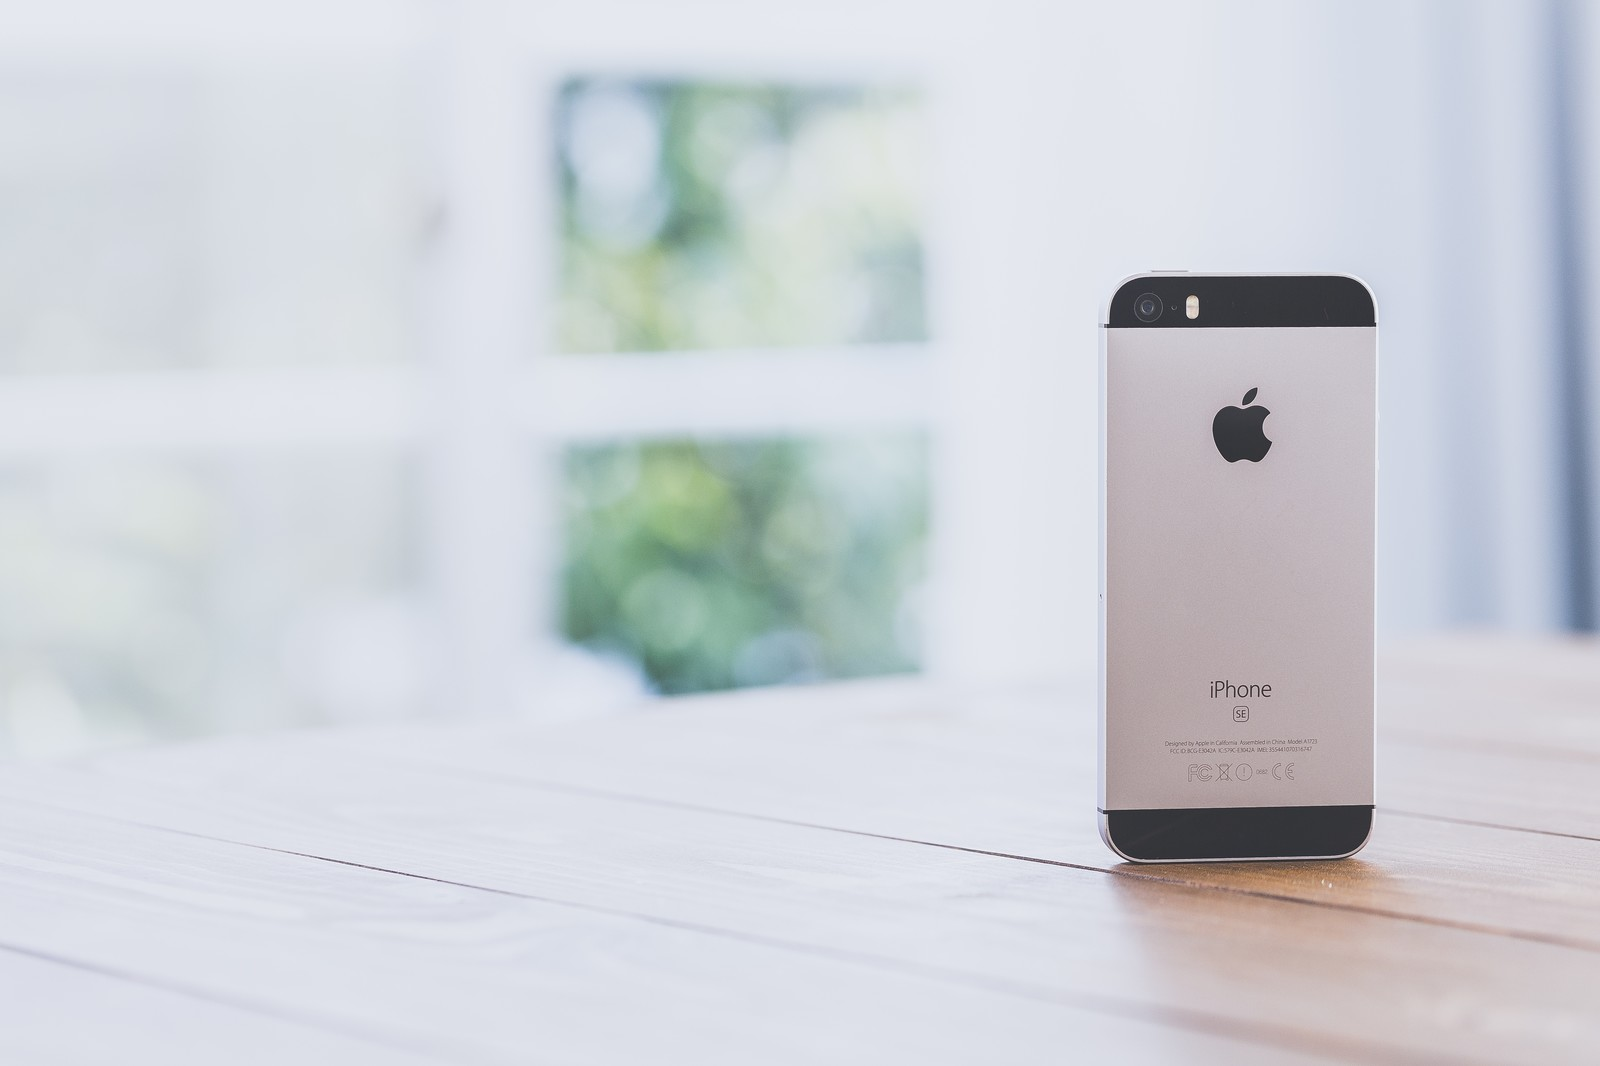 窓際とiPhone